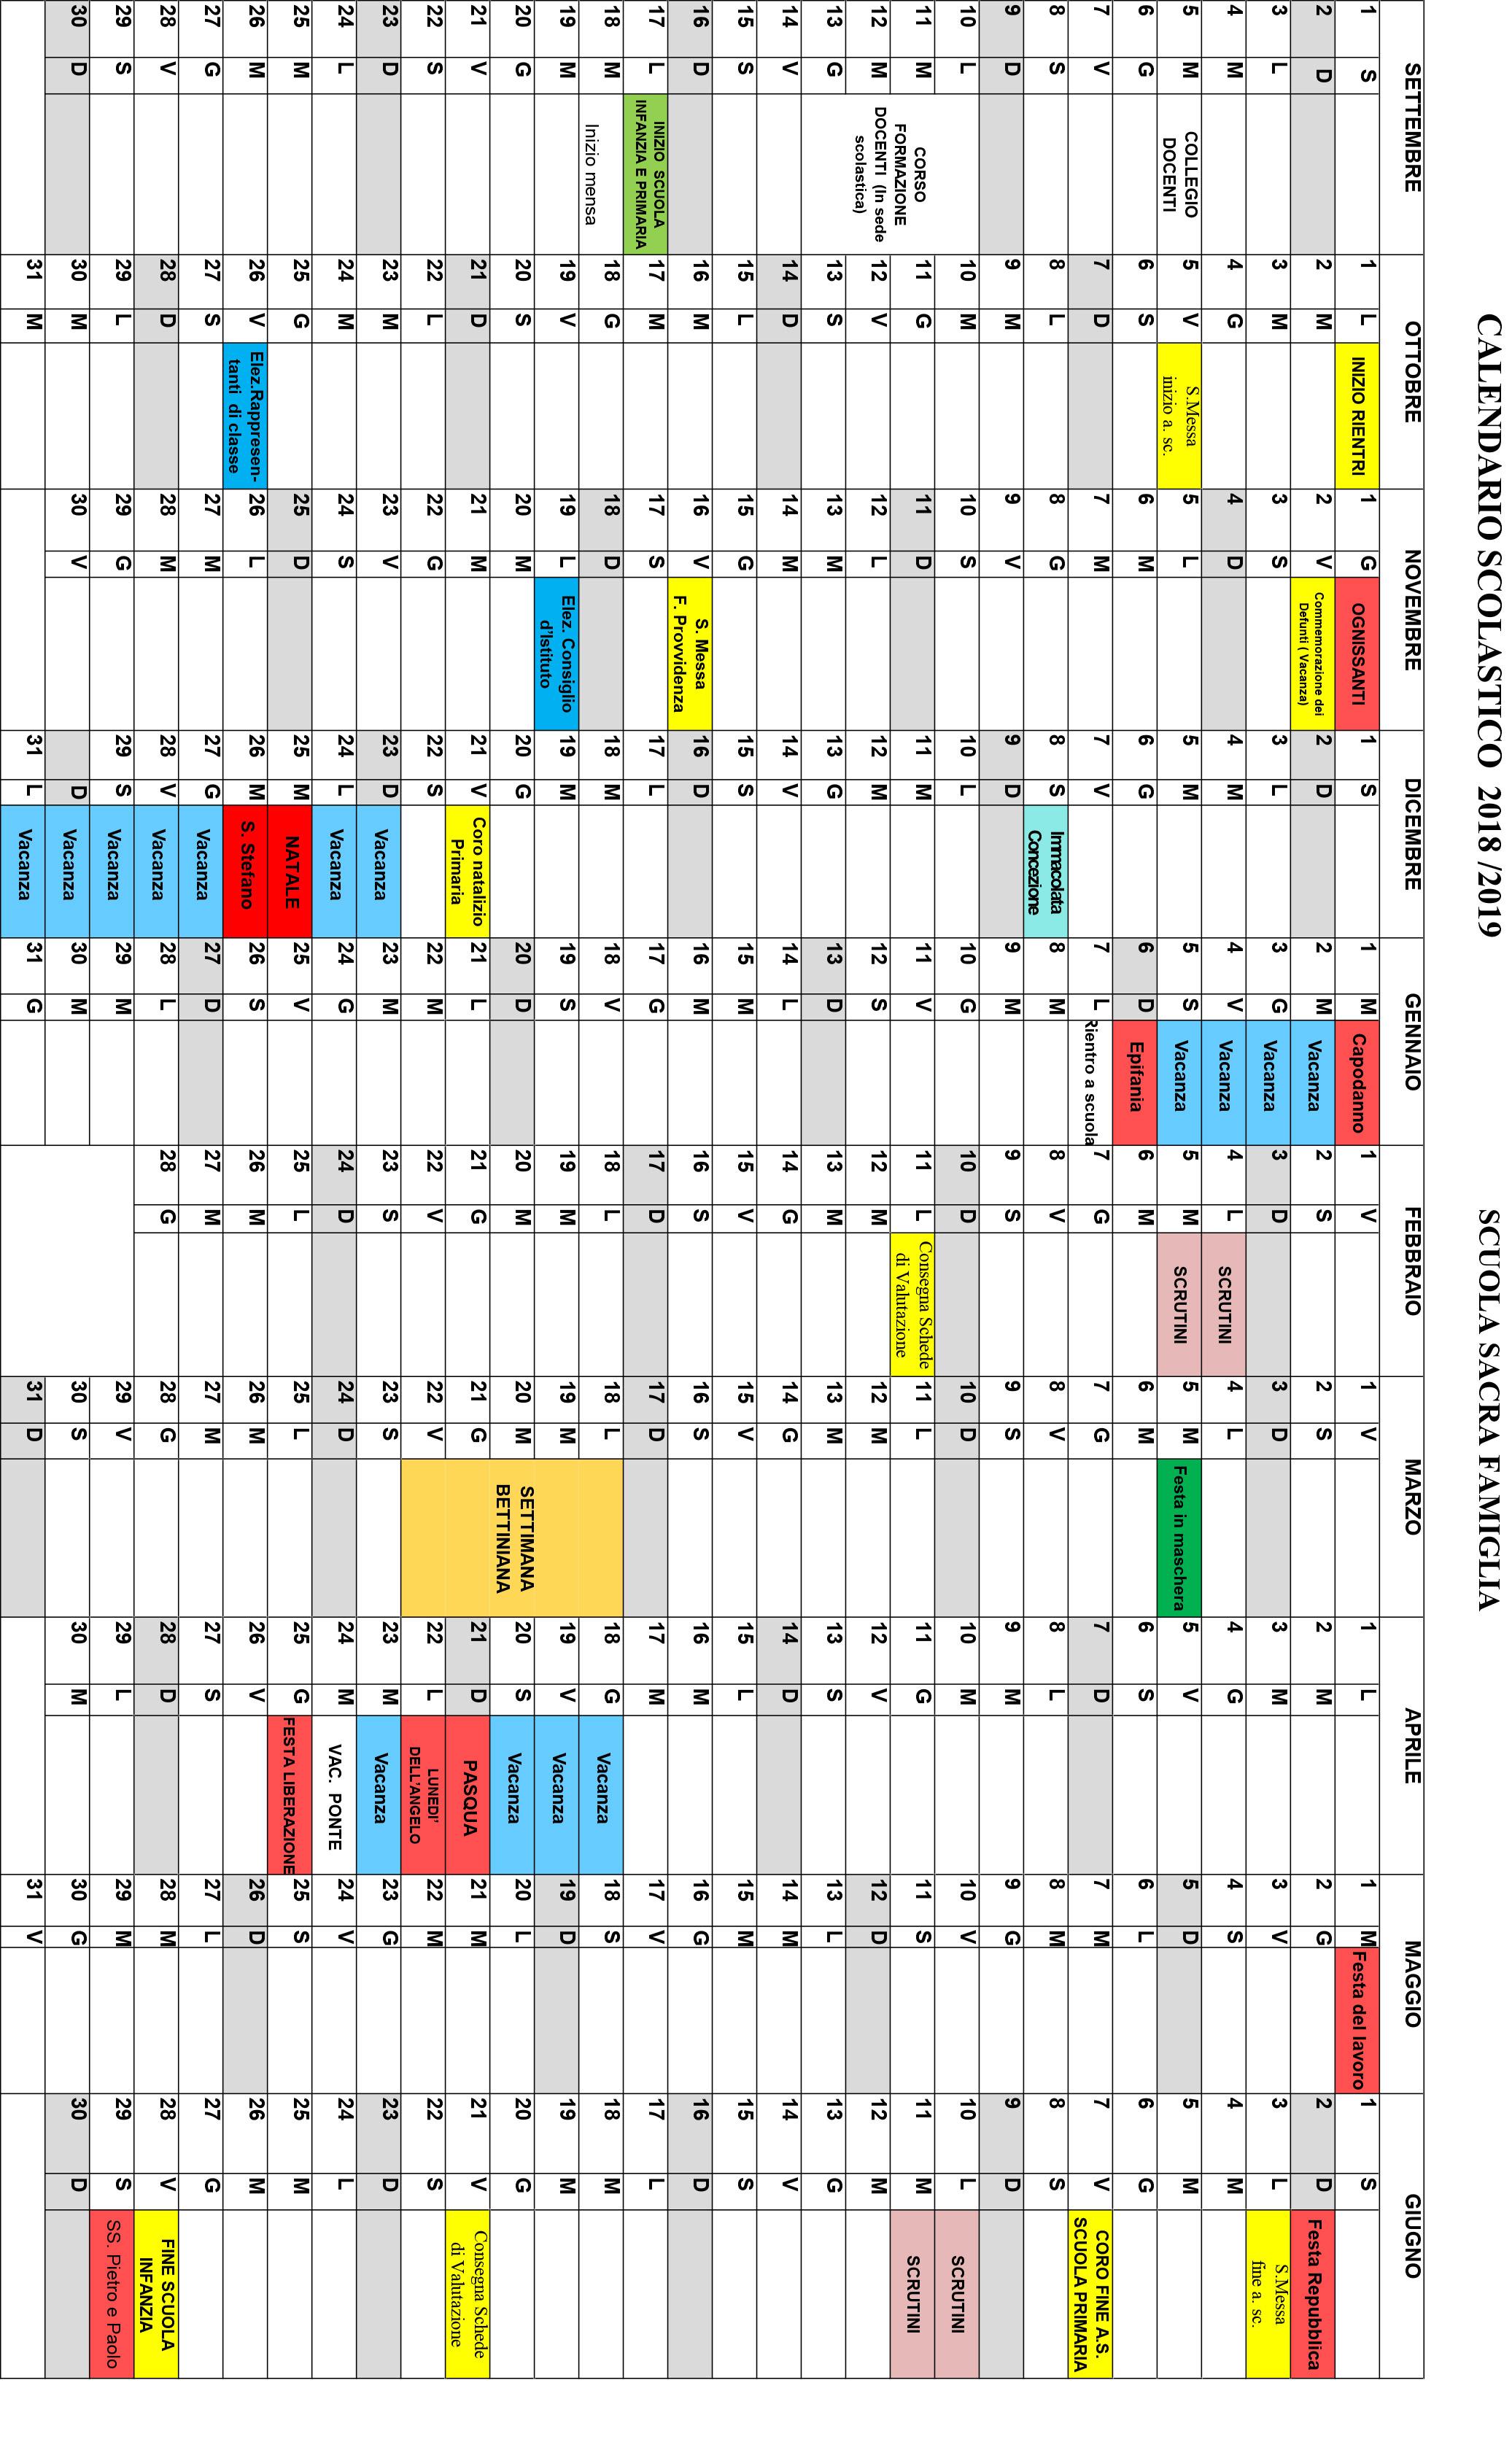 Calendario Scolastico Lazio 2020 17.Calendario Famiglia 2020